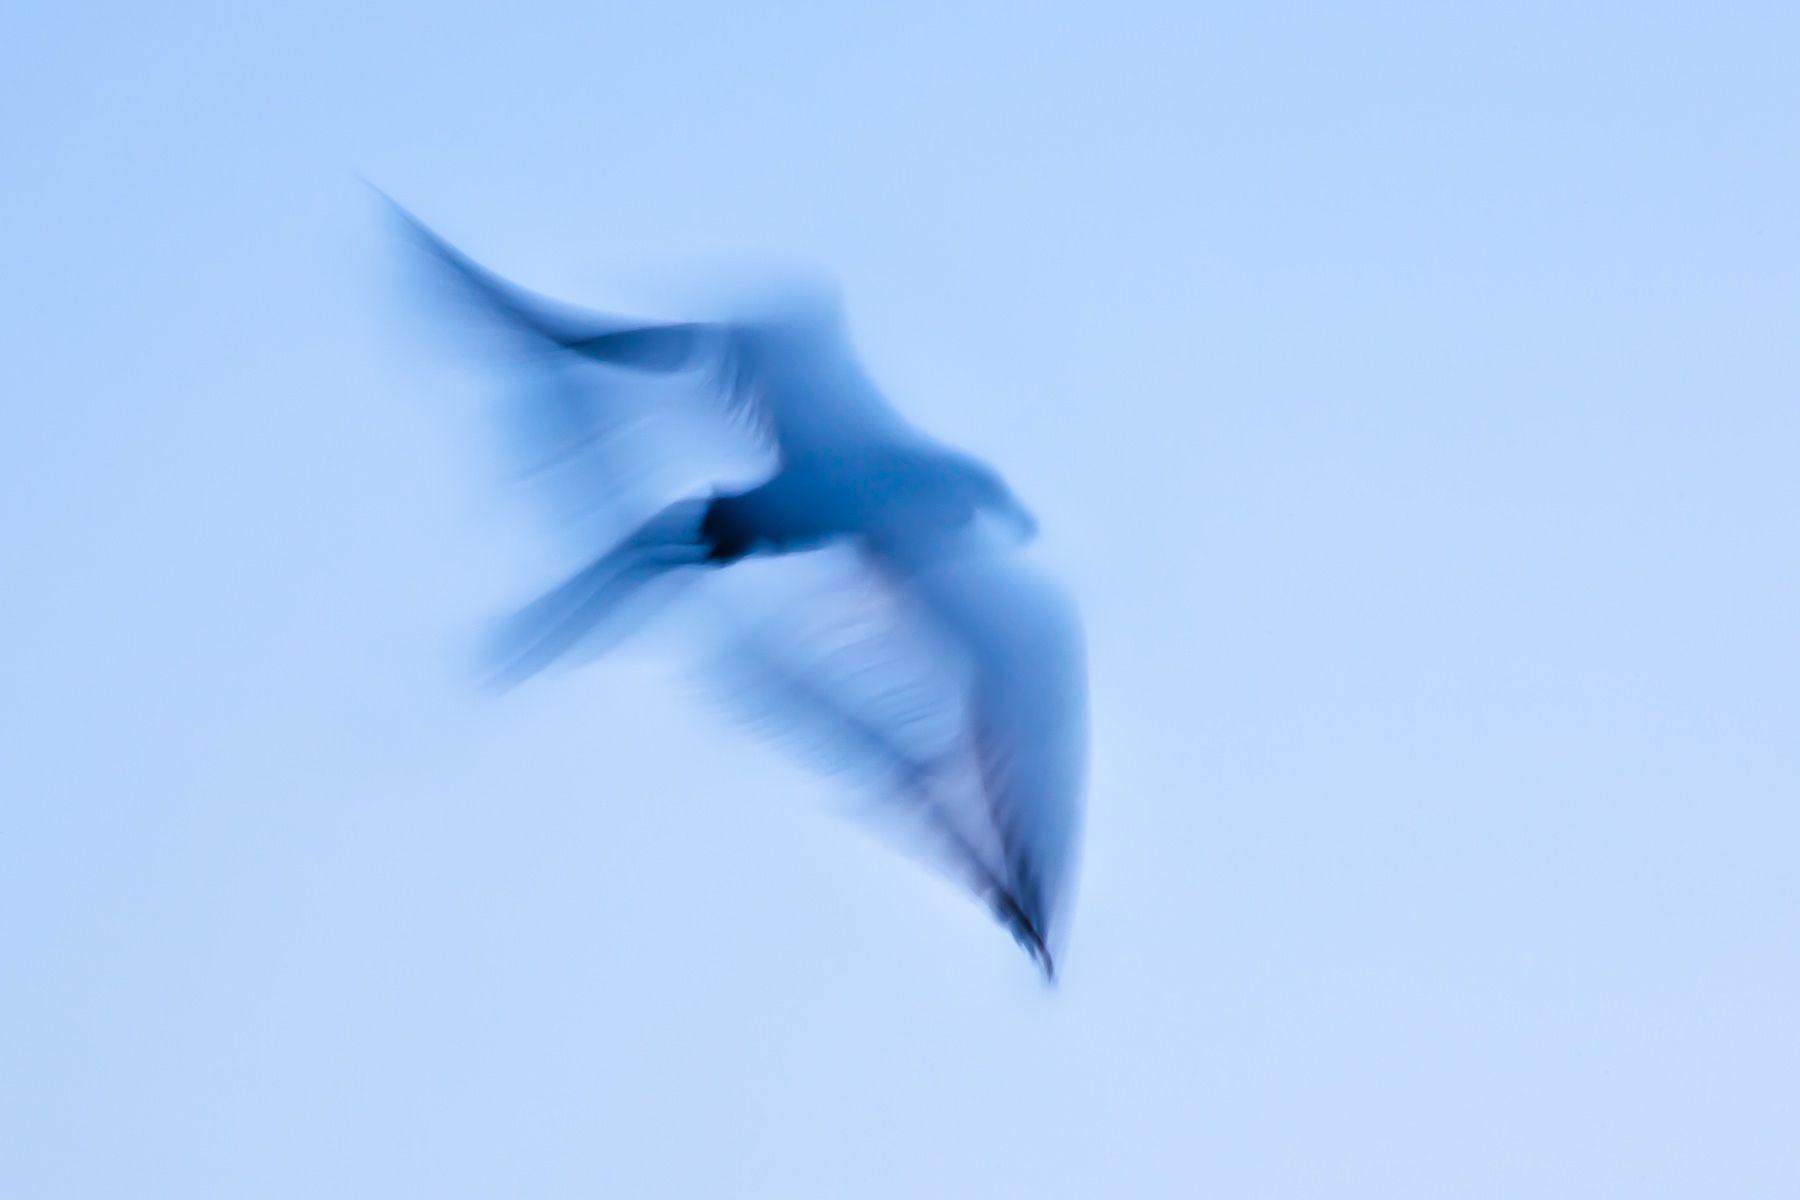 1birds__d29123.jpg